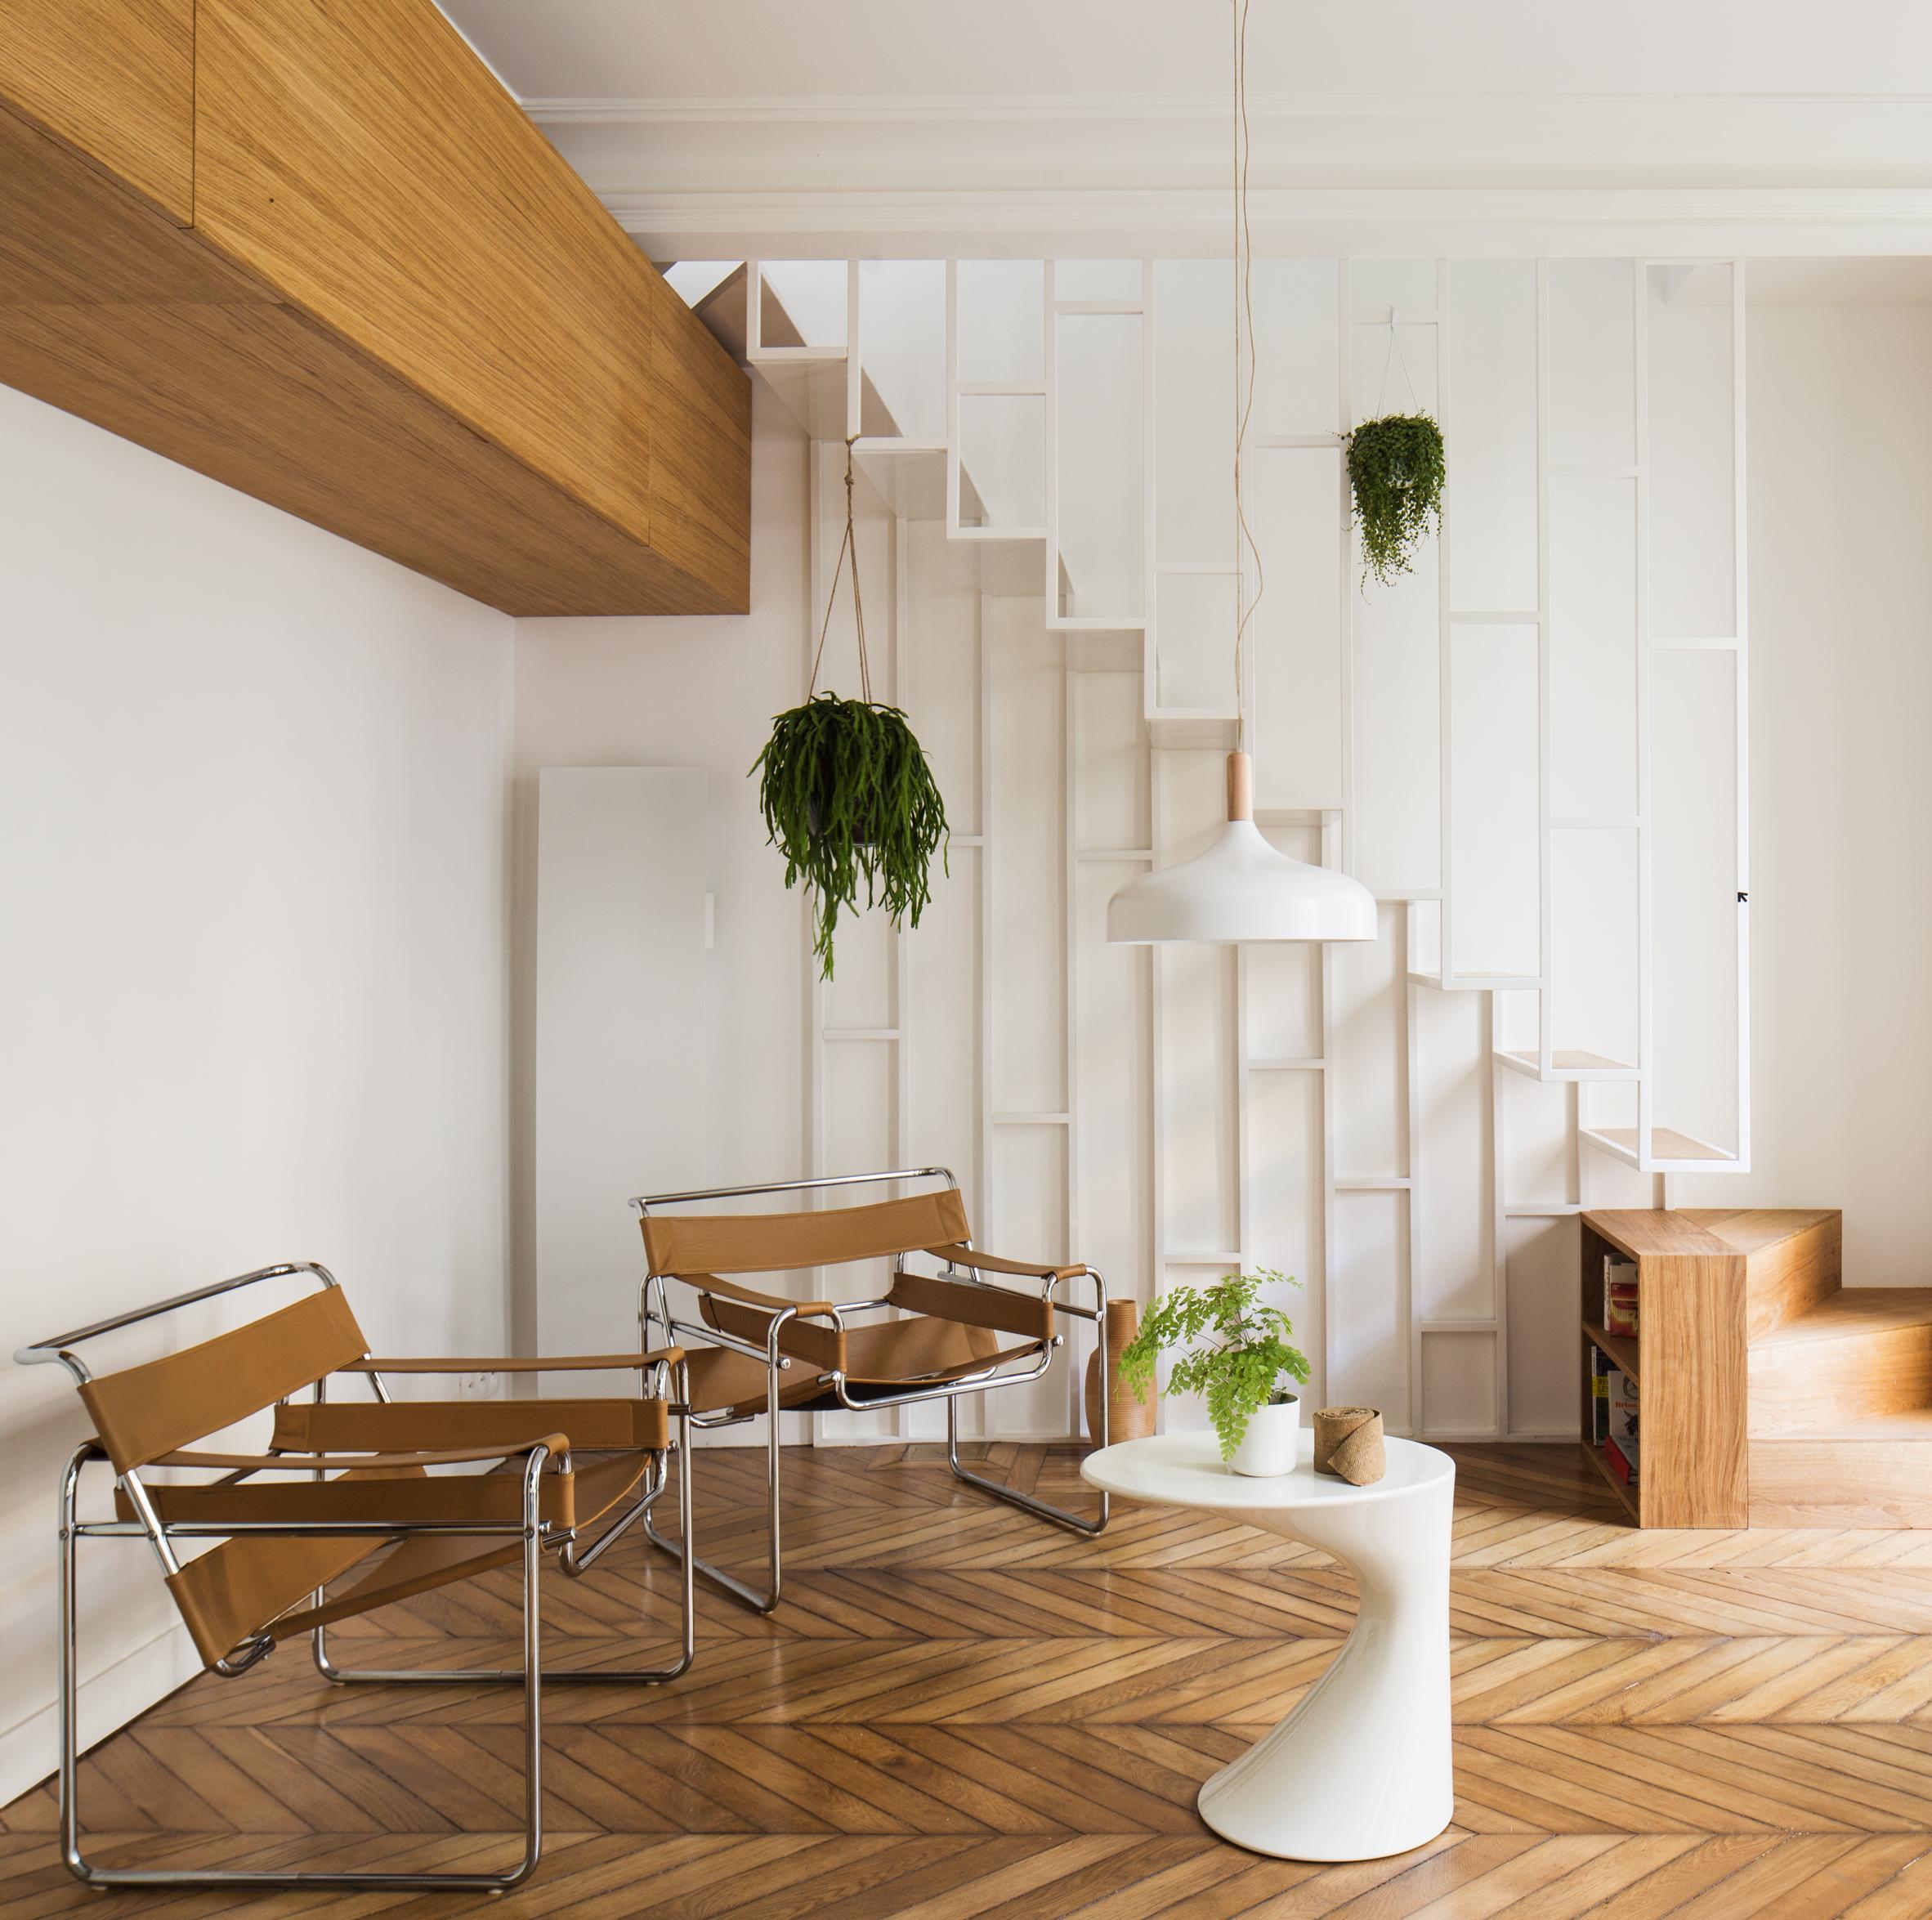 Двухуровневая квартира в конструктивистском стиле